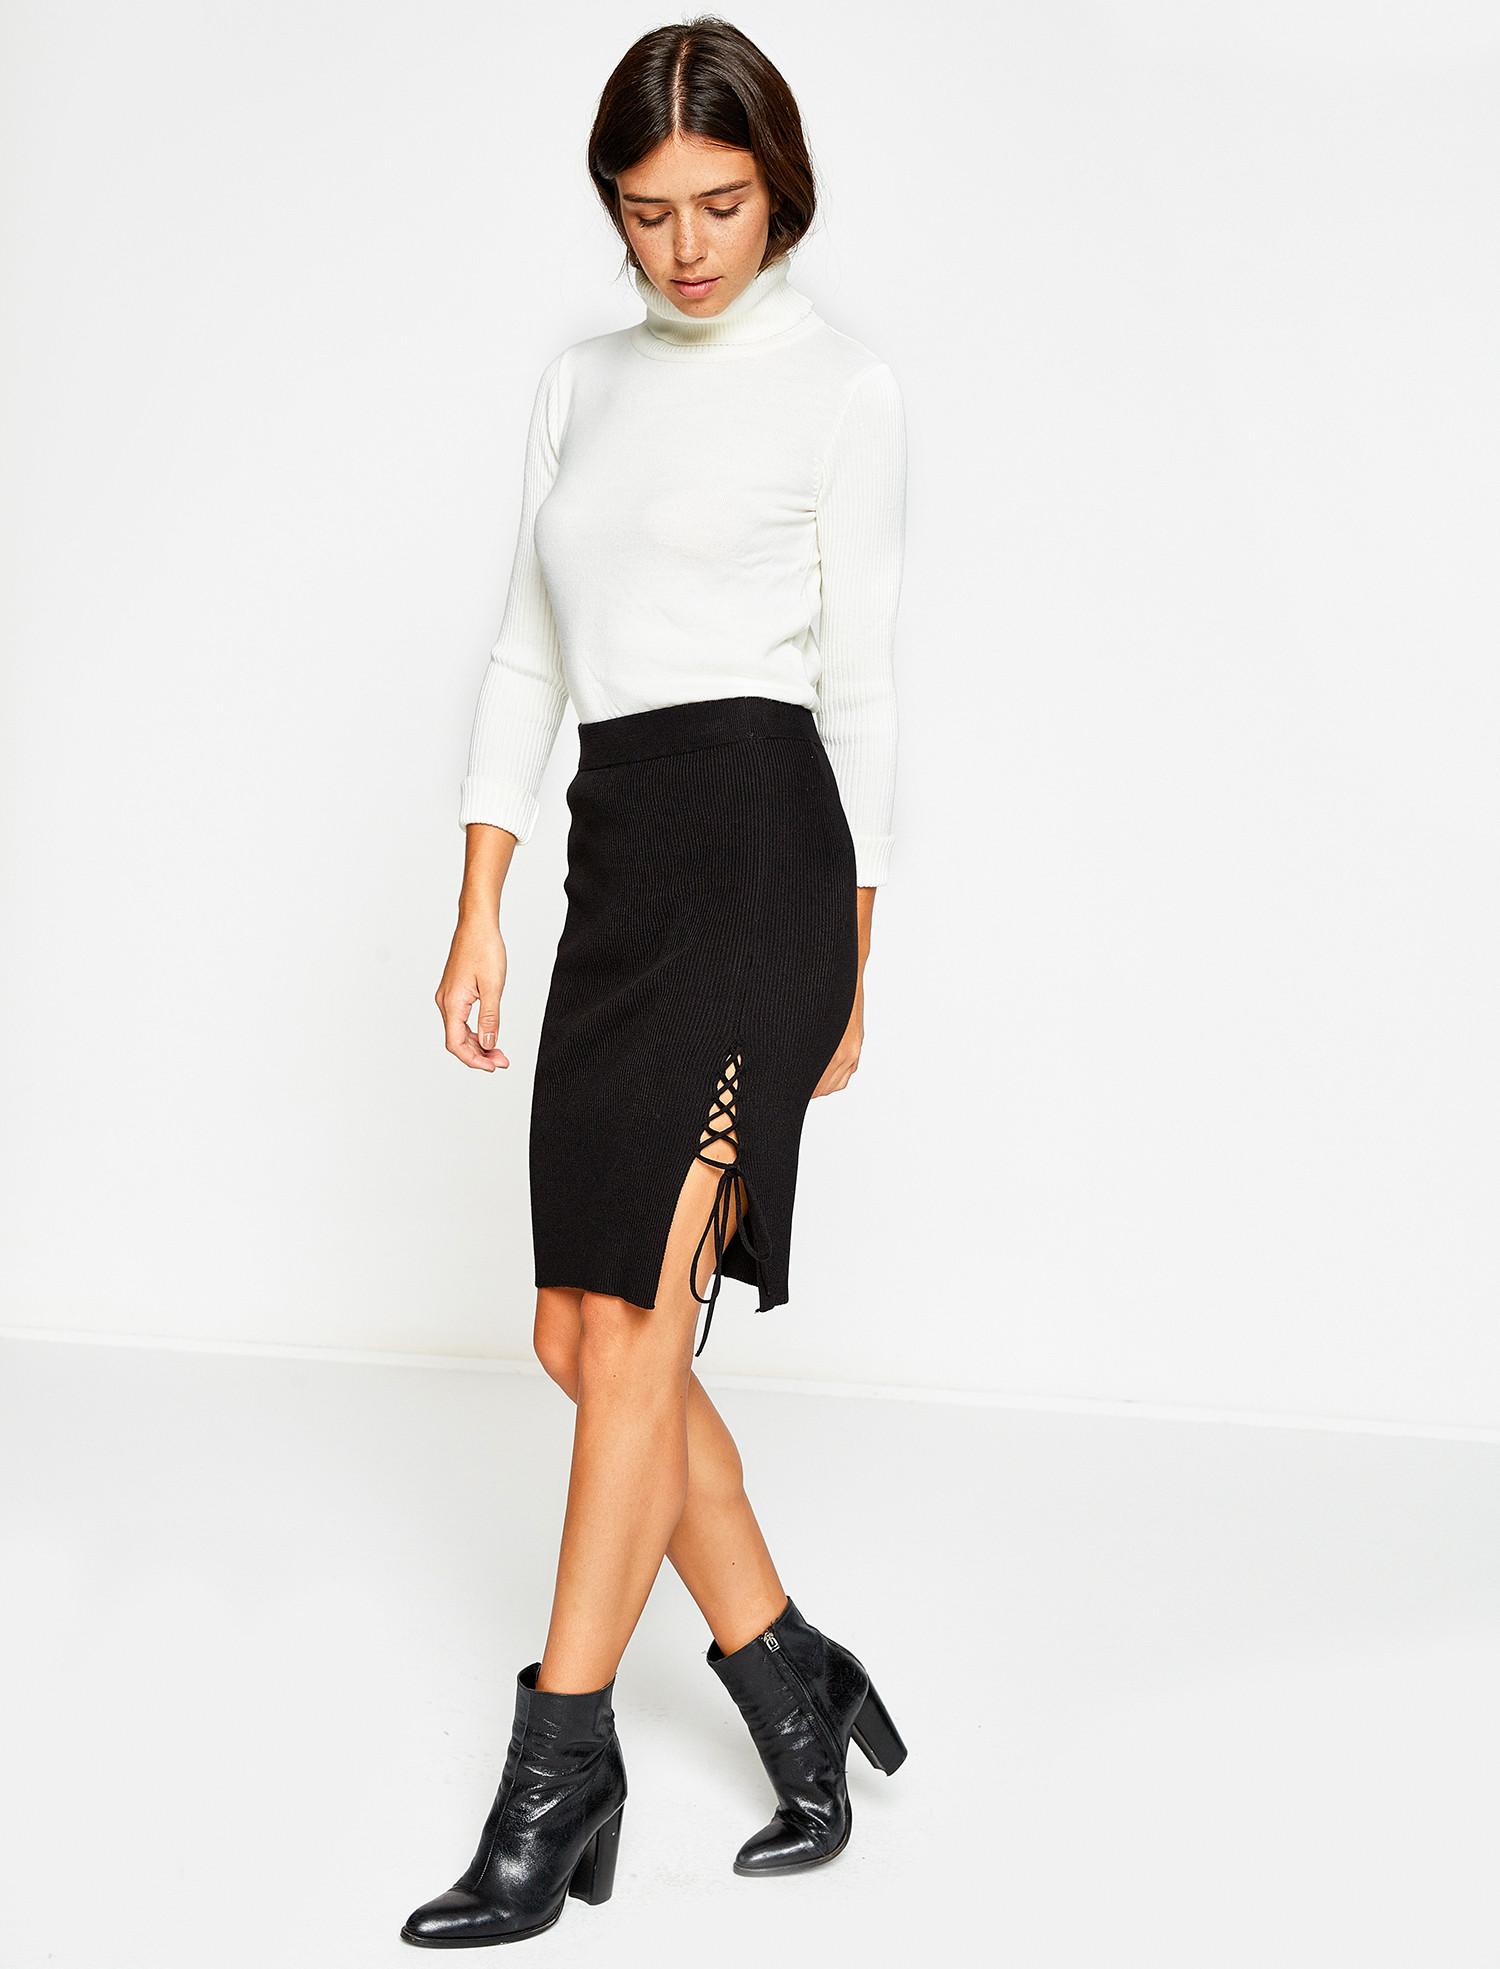 kalem etek - 2018 Kışının En Trend Sokak Modası Kıyafetleri